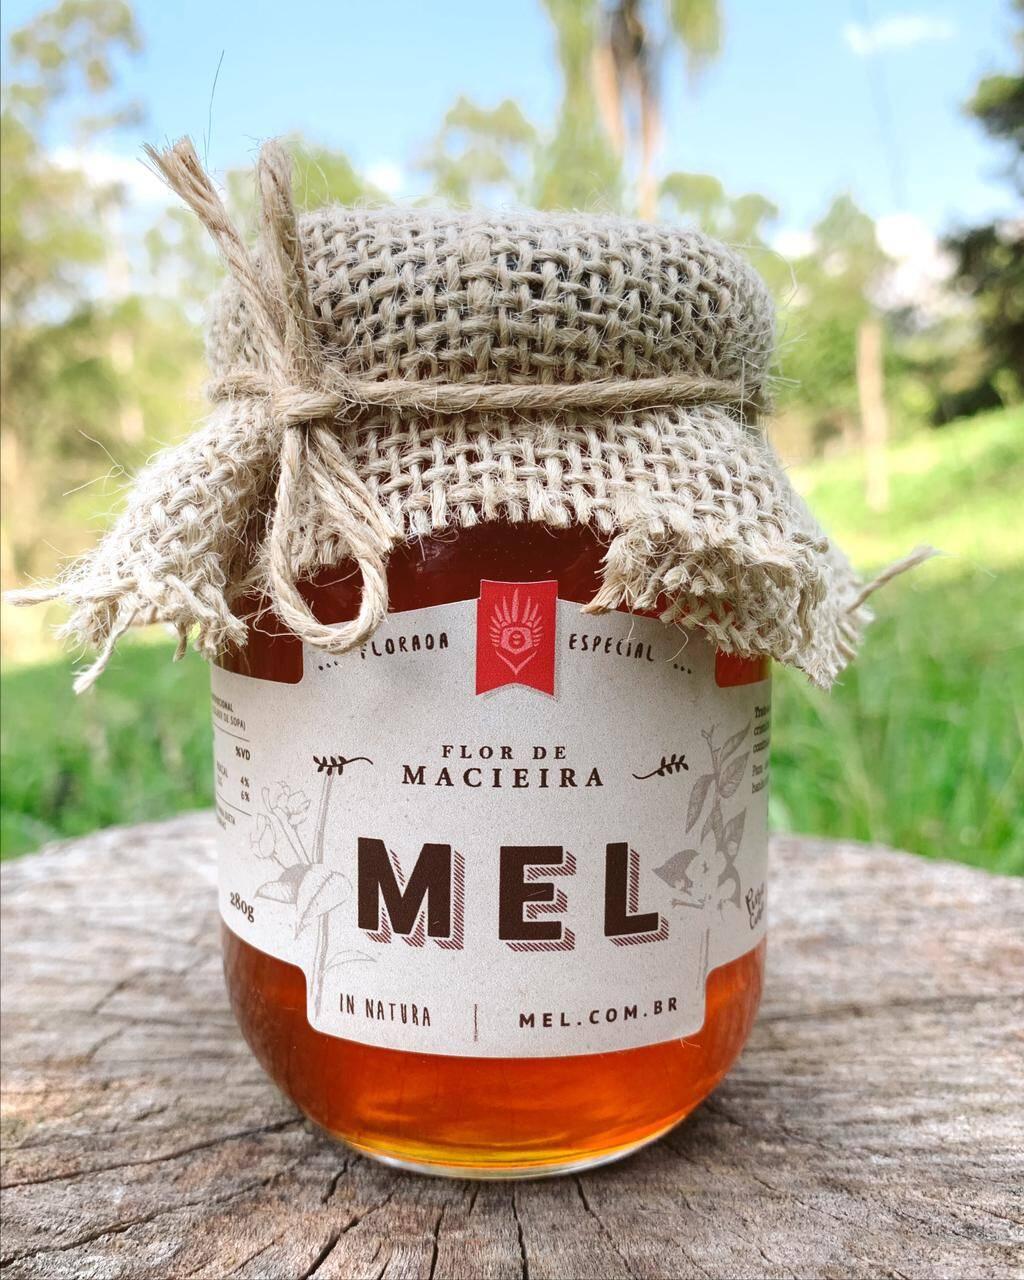 Flor de Macieira Mel Gourmet - Compre Mel puro na Loja do Mel!